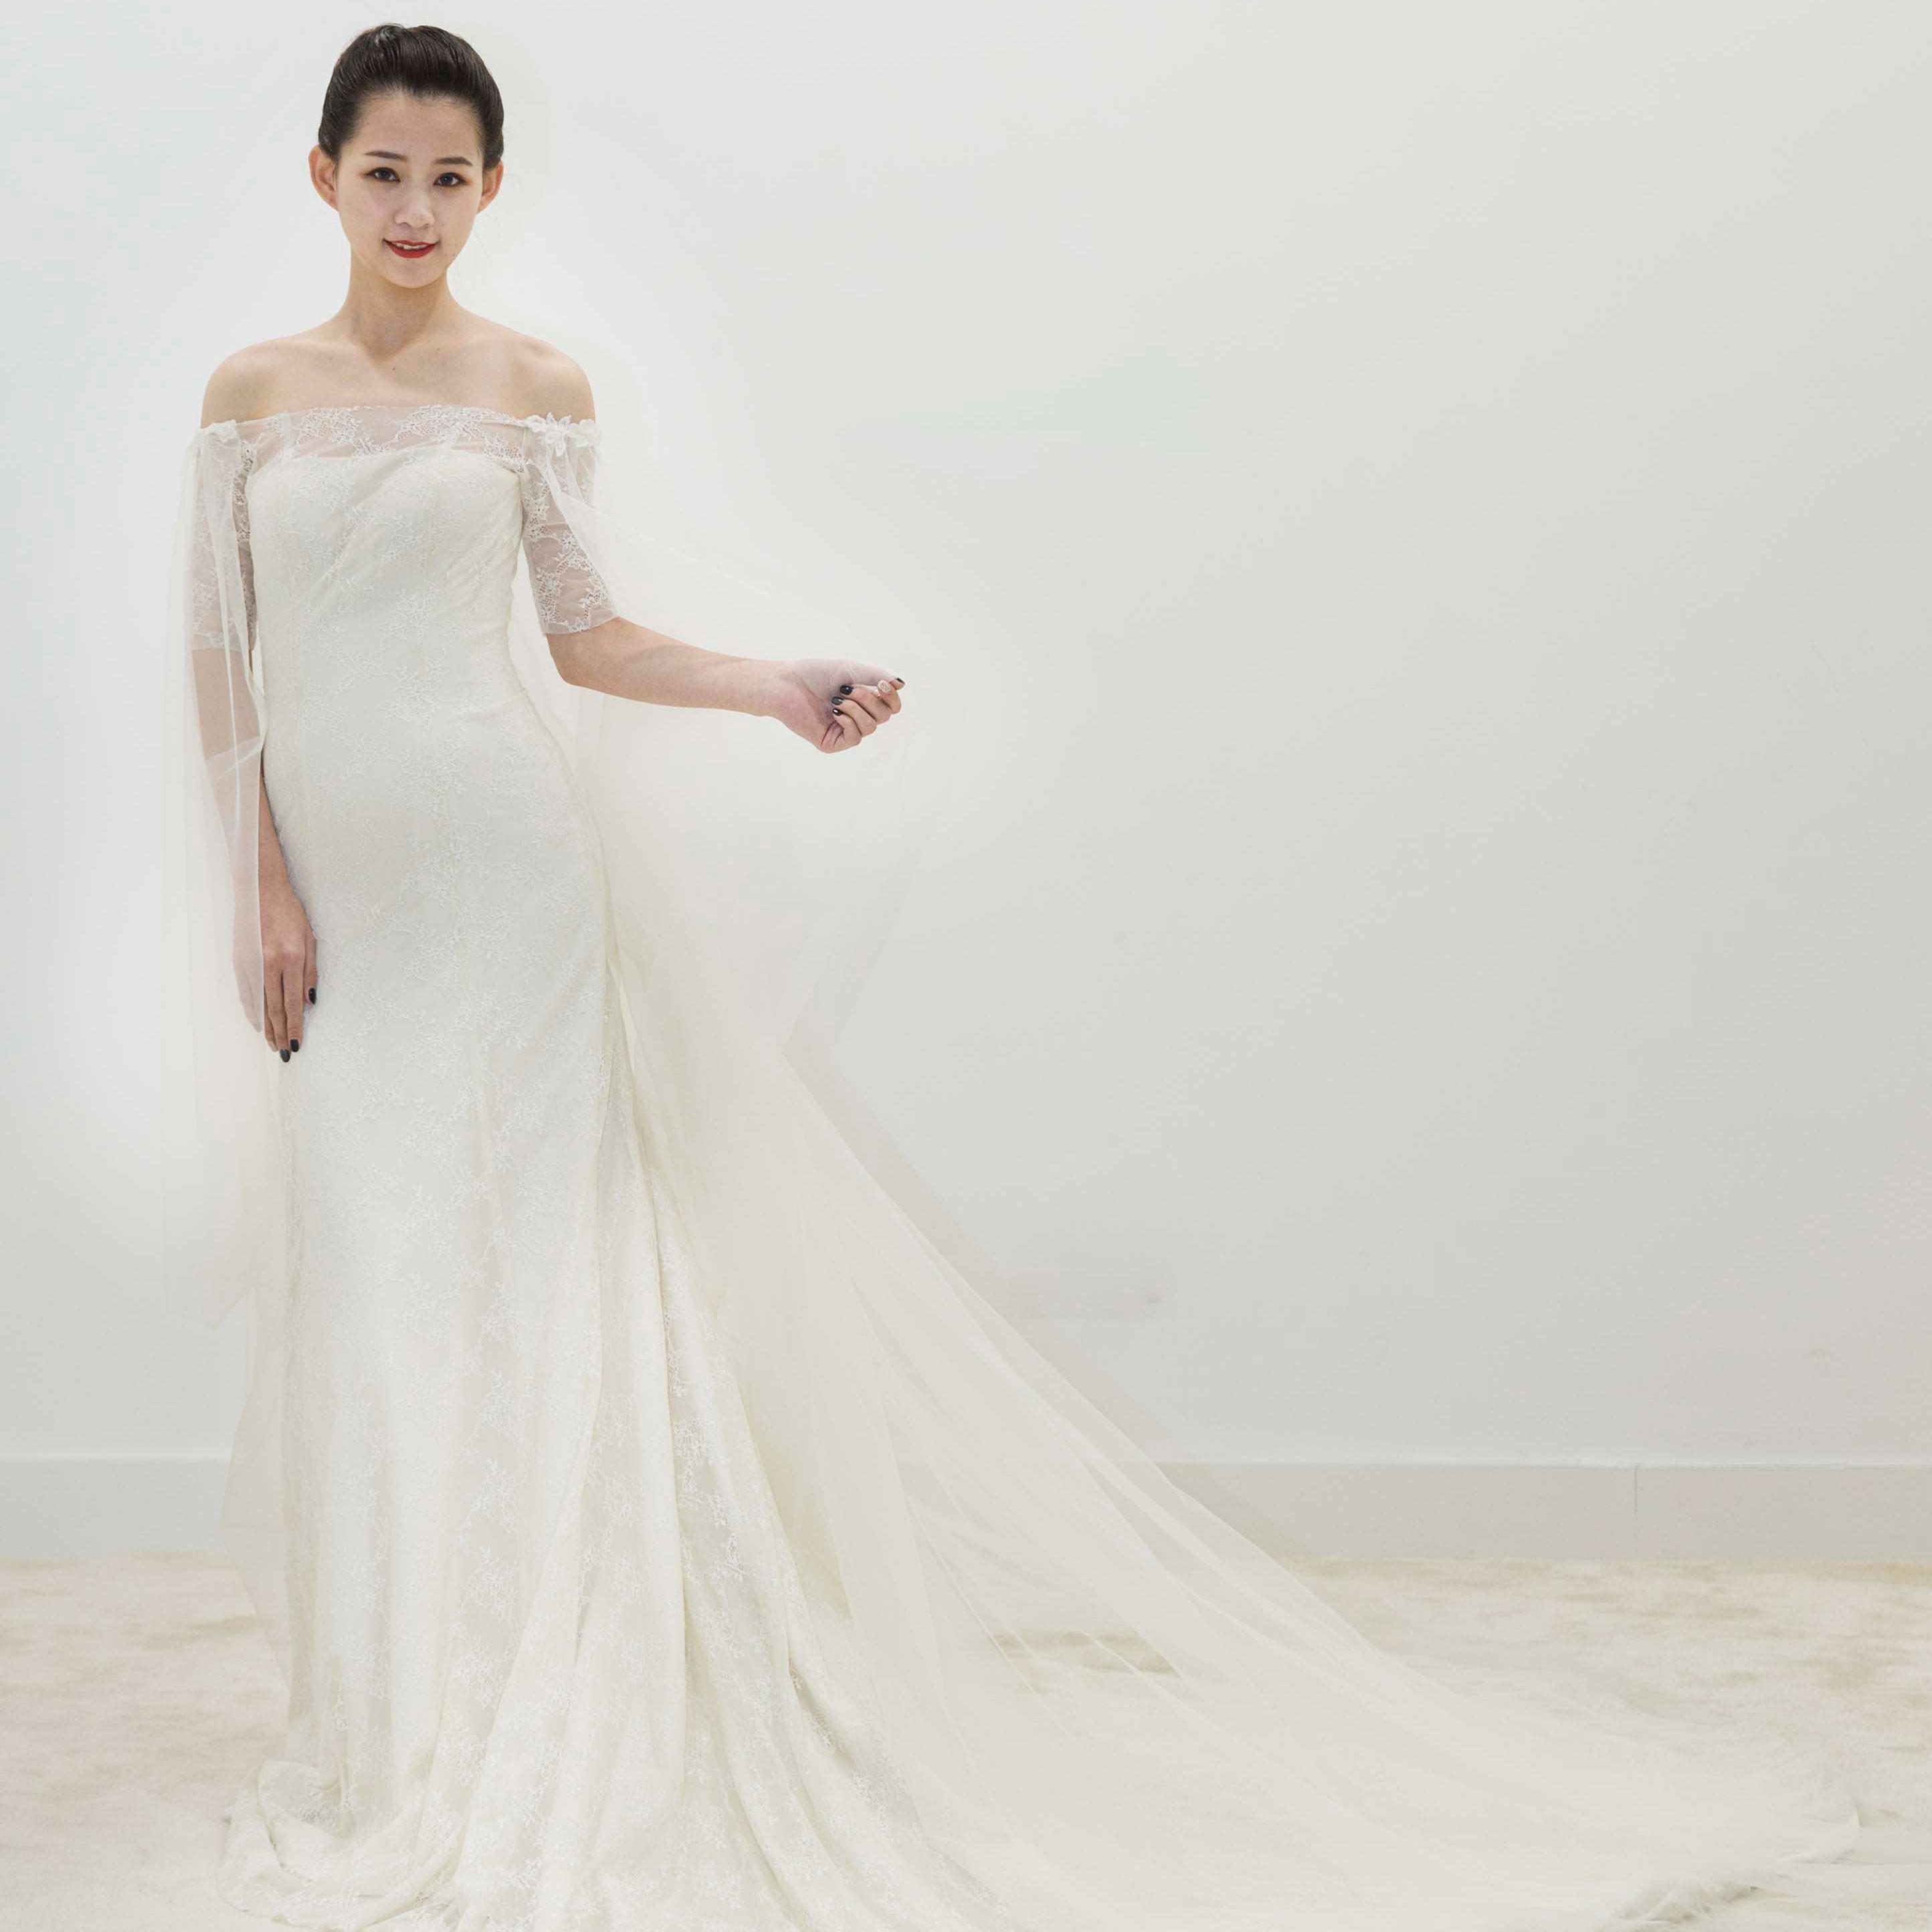 真爱殿堂 兰玉一字肩七分袖蕾丝拖尾婚纱